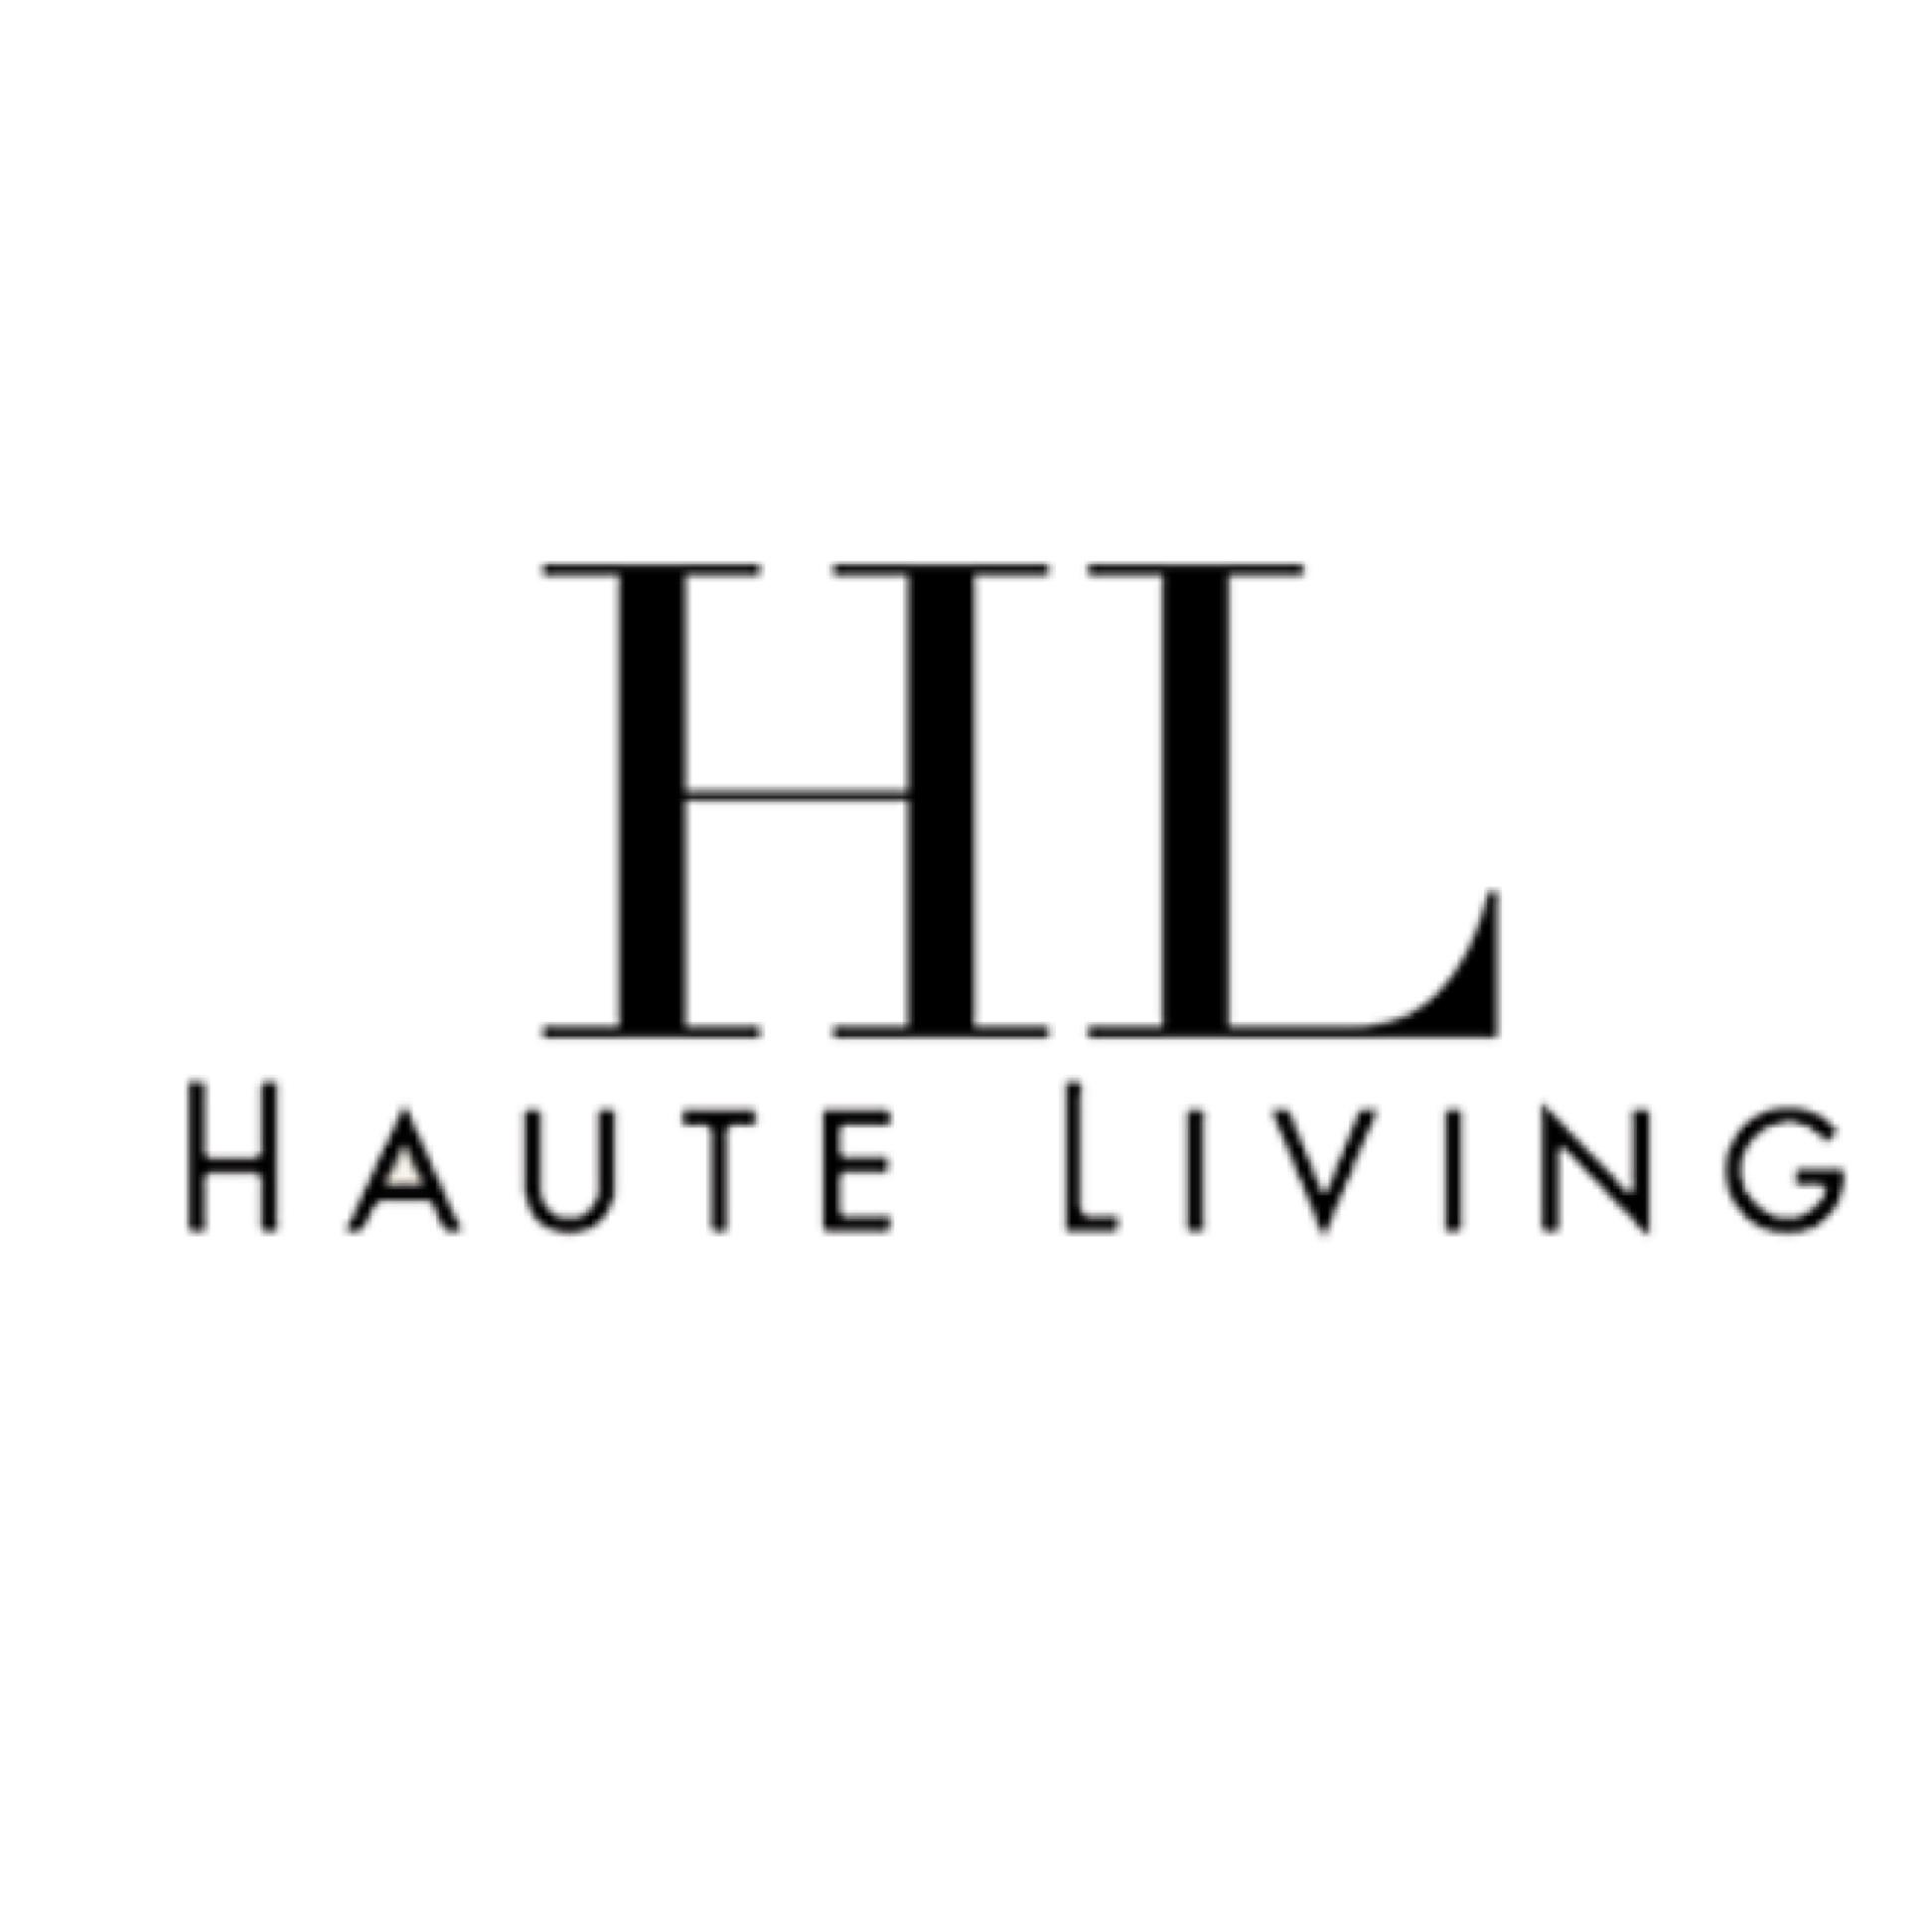 haute living logo.jpg